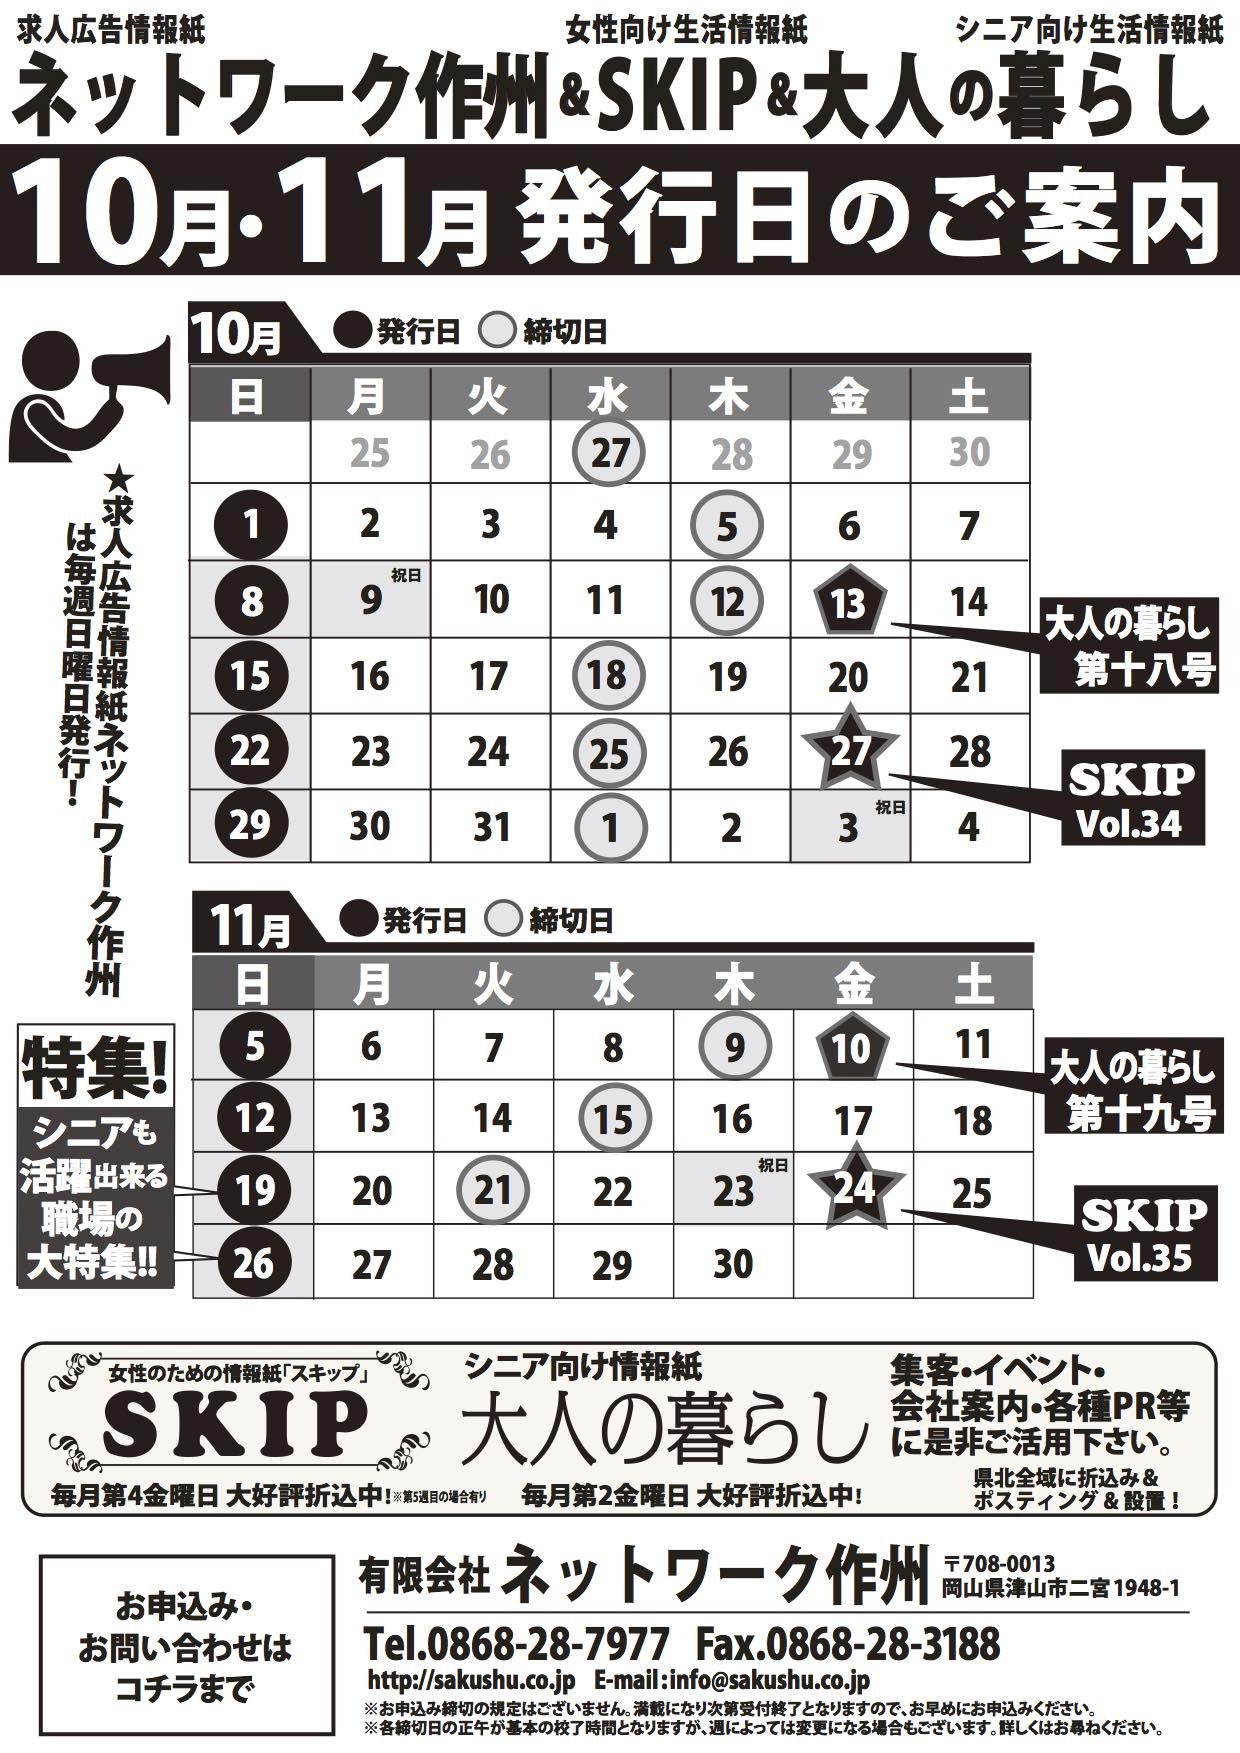 2017 10_11発行予定表A4